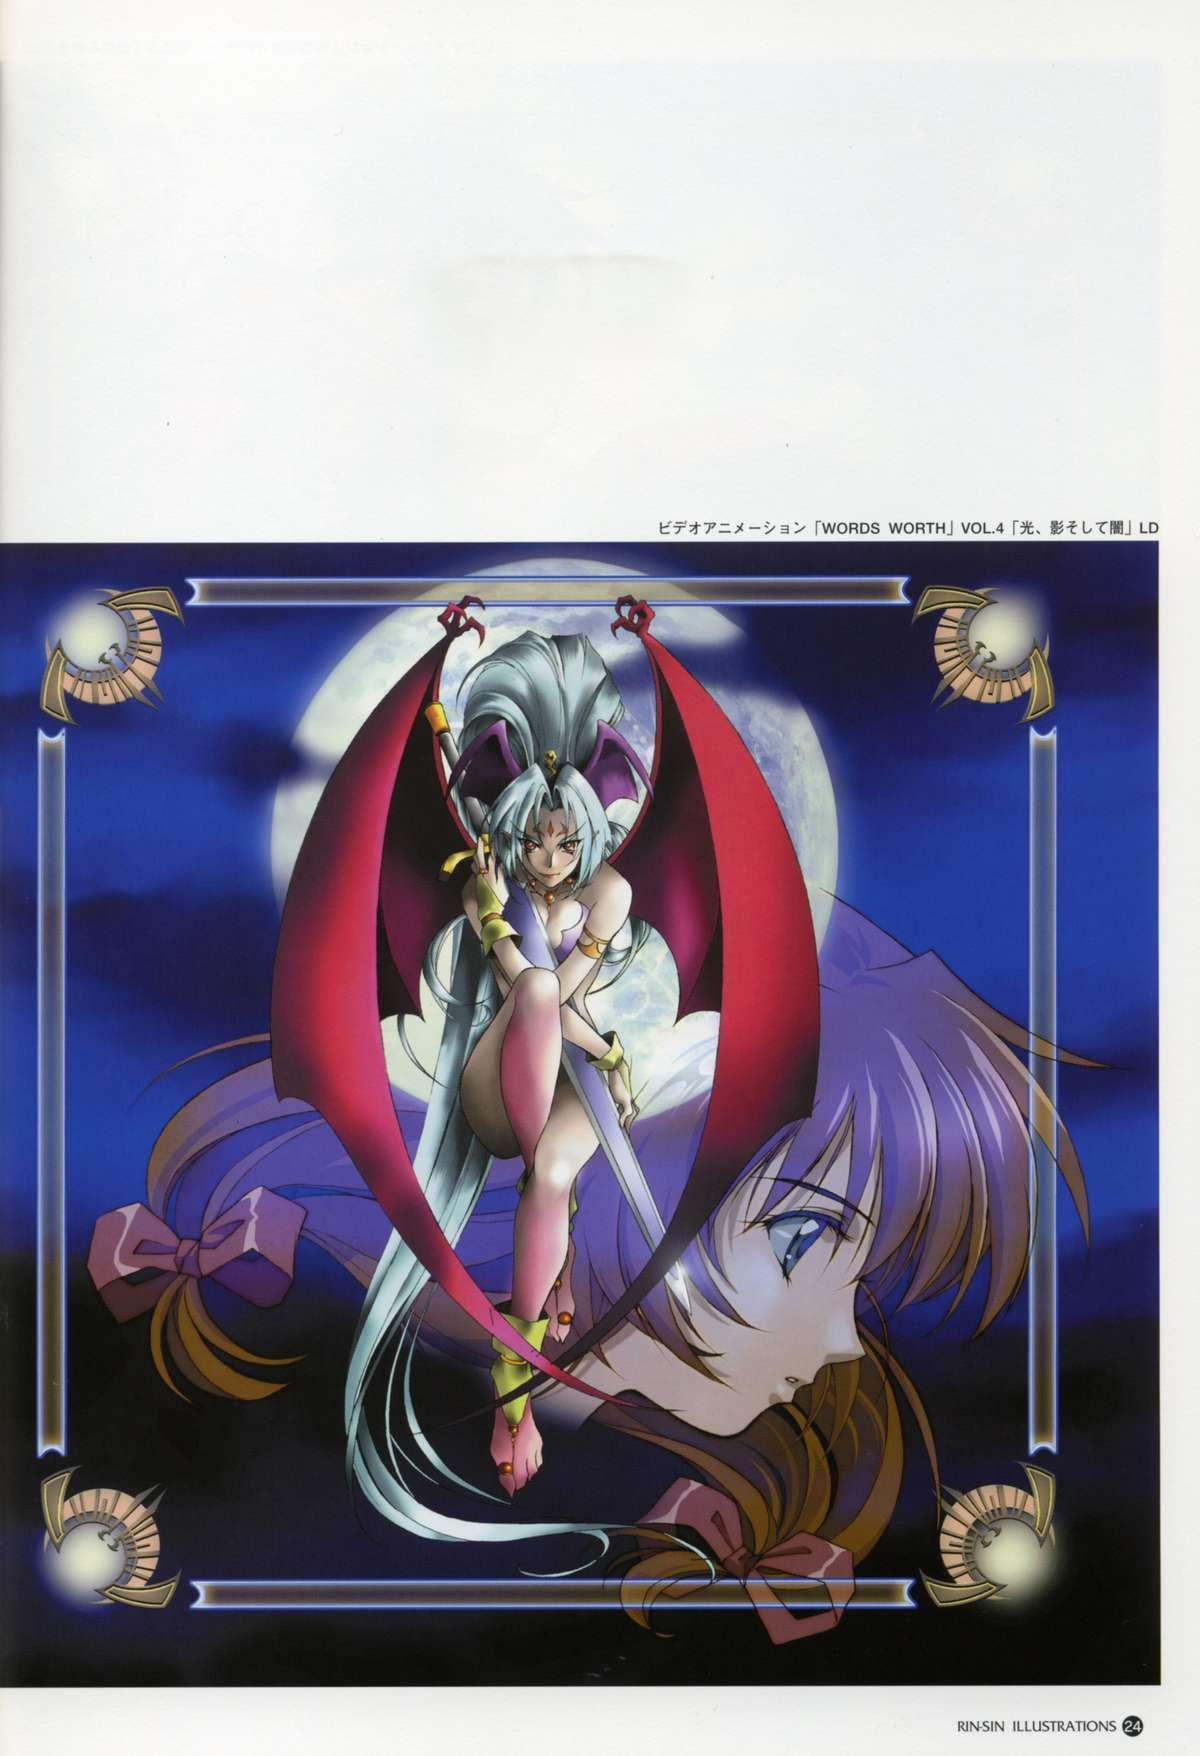 Rin Sin ILLUSTRATIONS 20